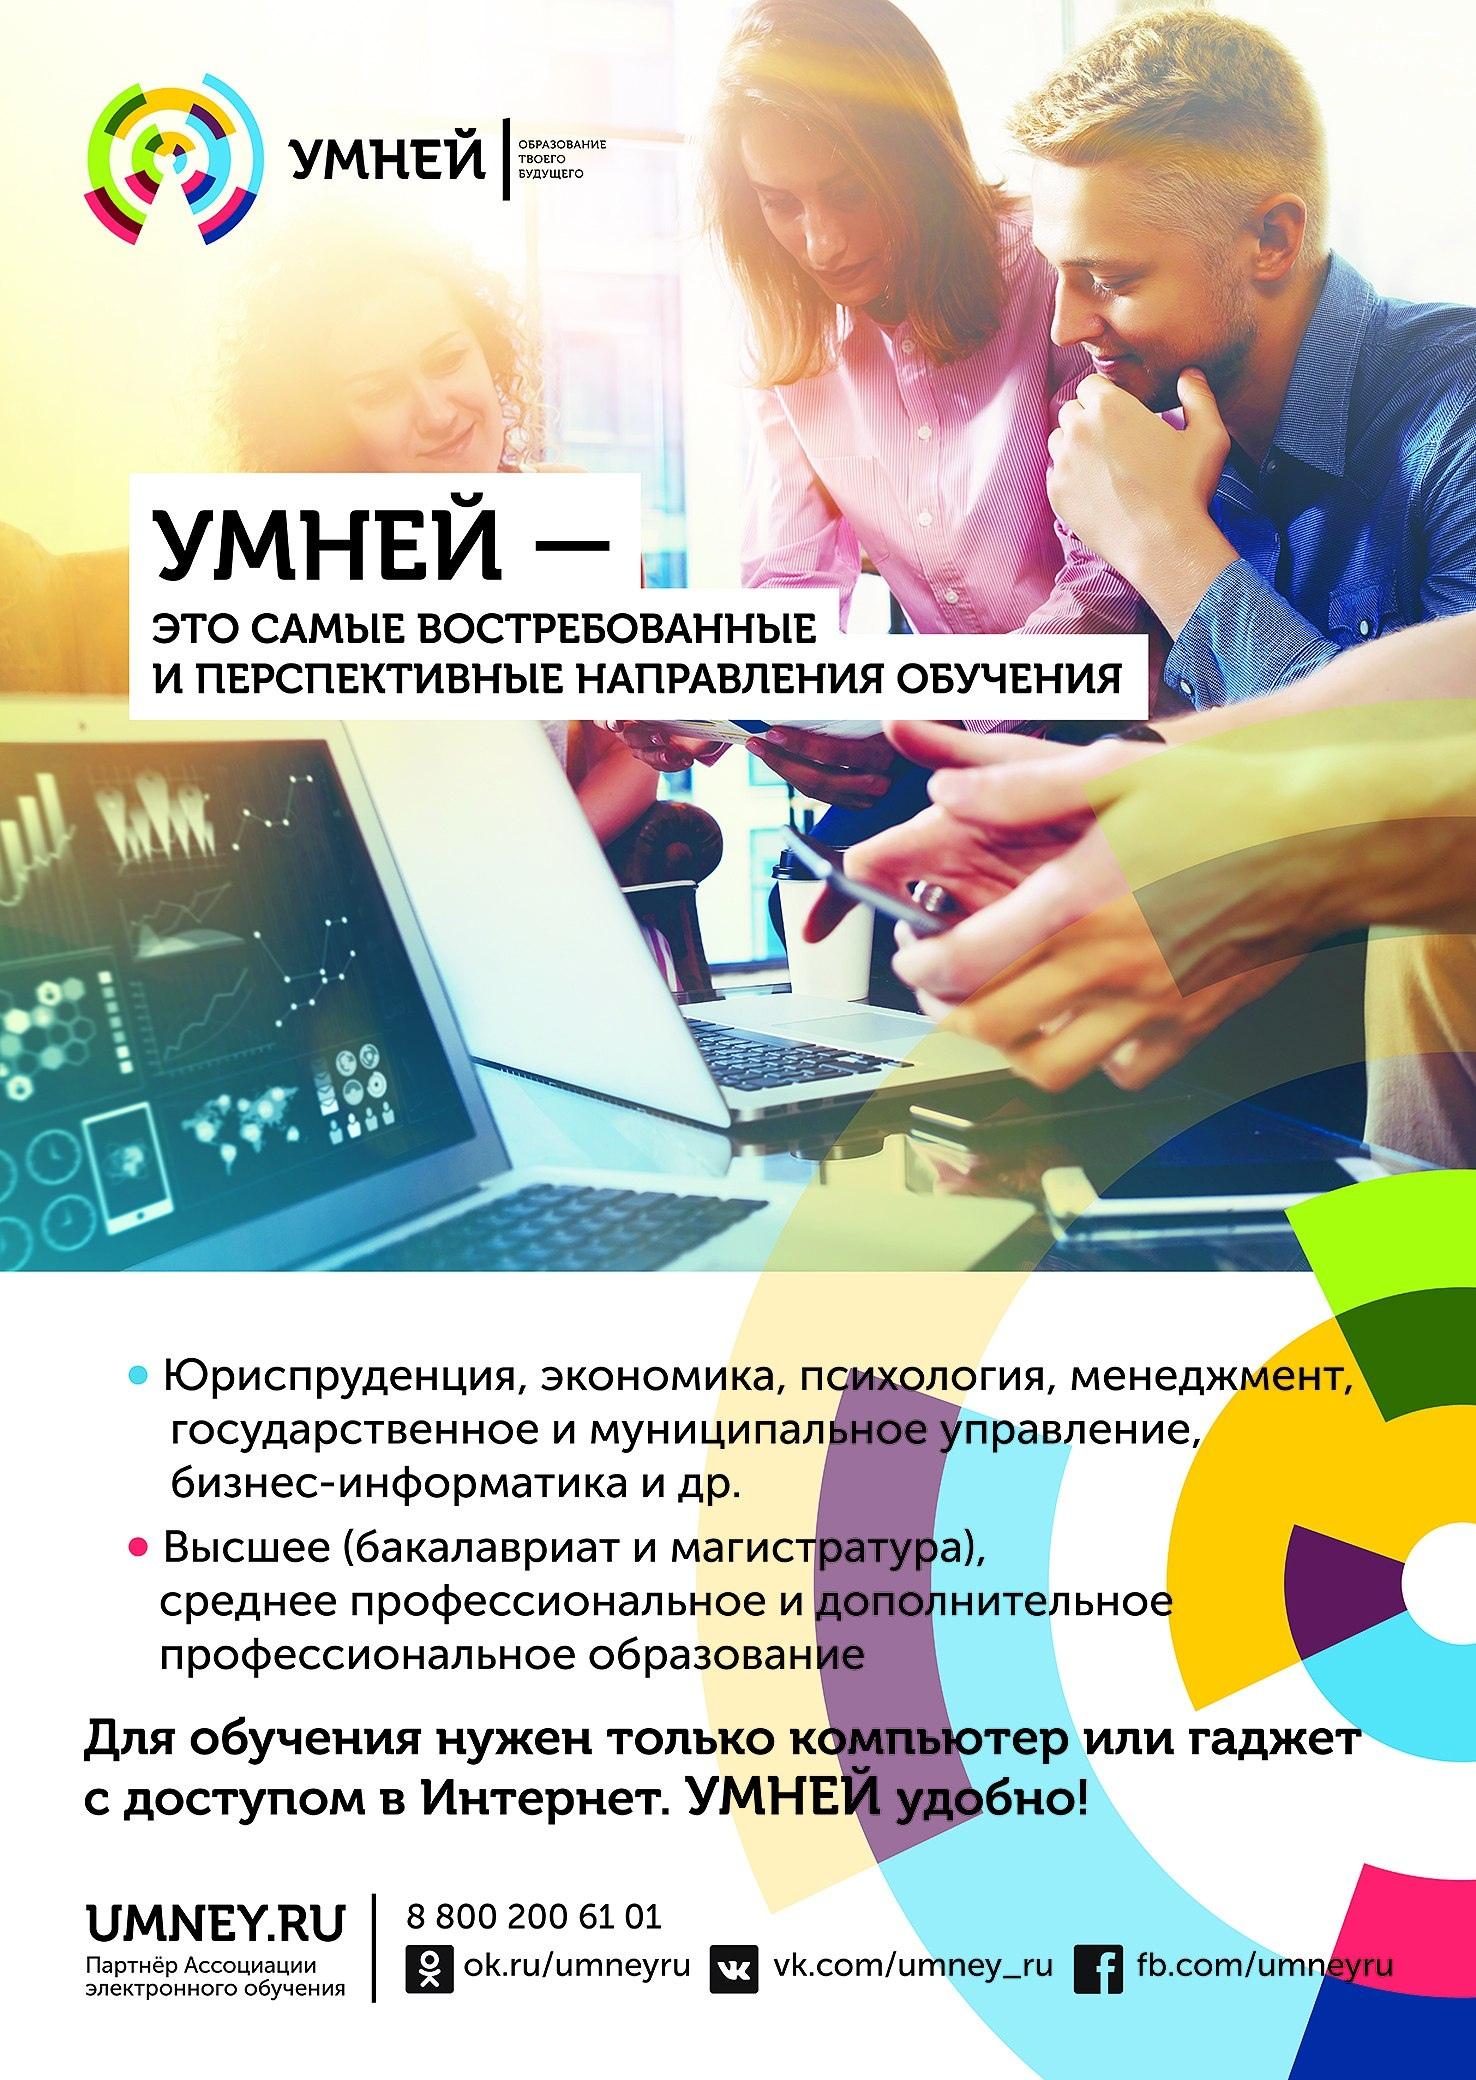 Открыт прием документов в образовательные организации по уровням: бакалавриат и магистратура на заочную дистанционную форму обучения.